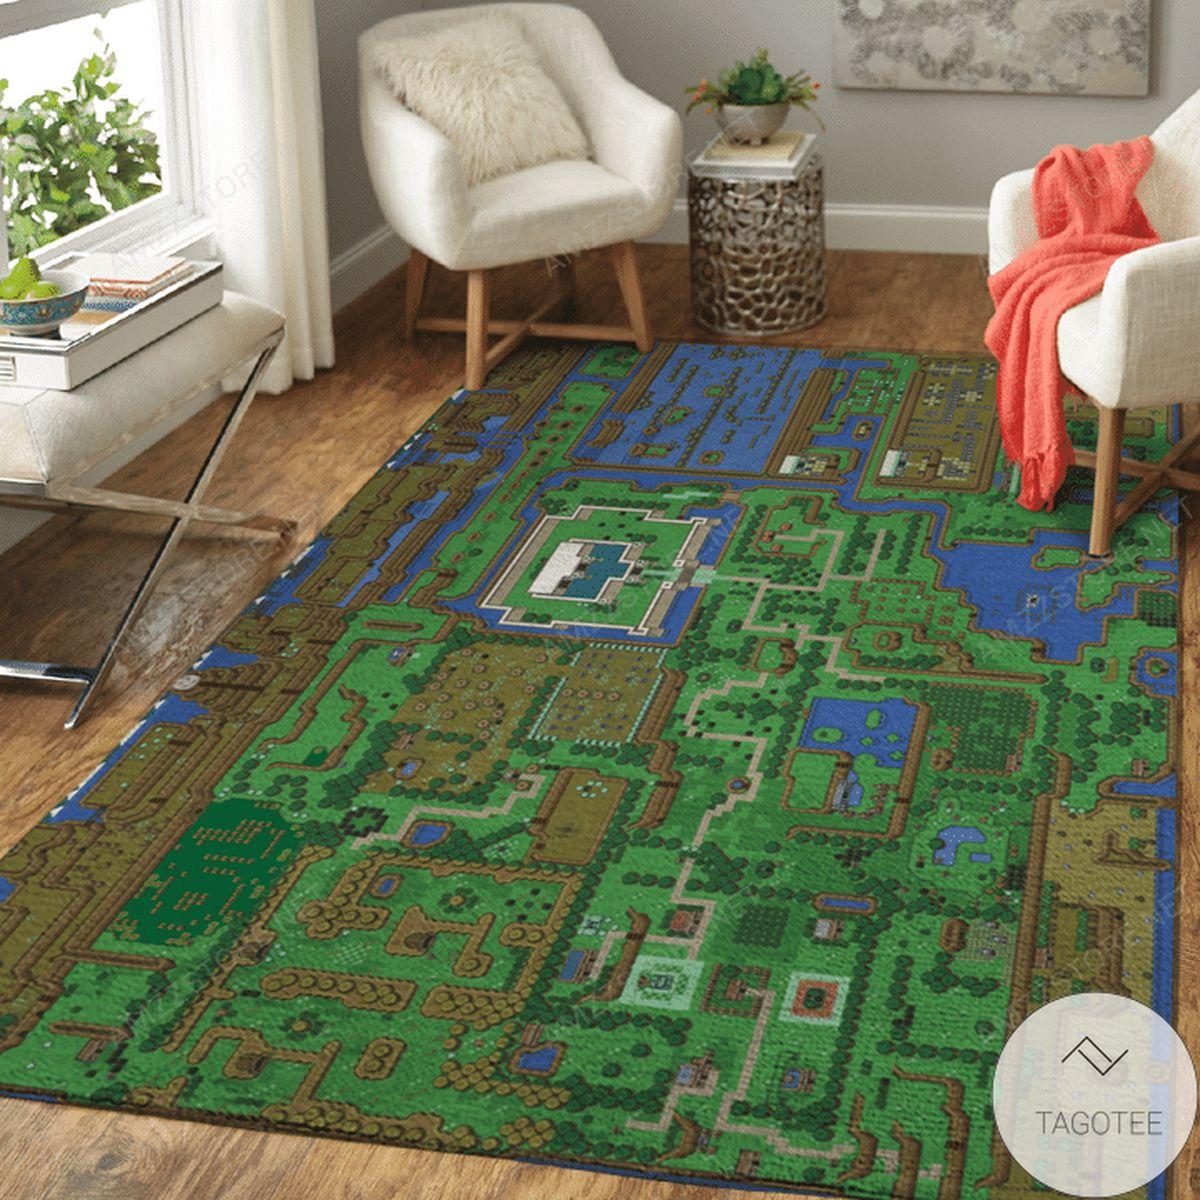 Free Ship Legend Of Zelda Area Rug